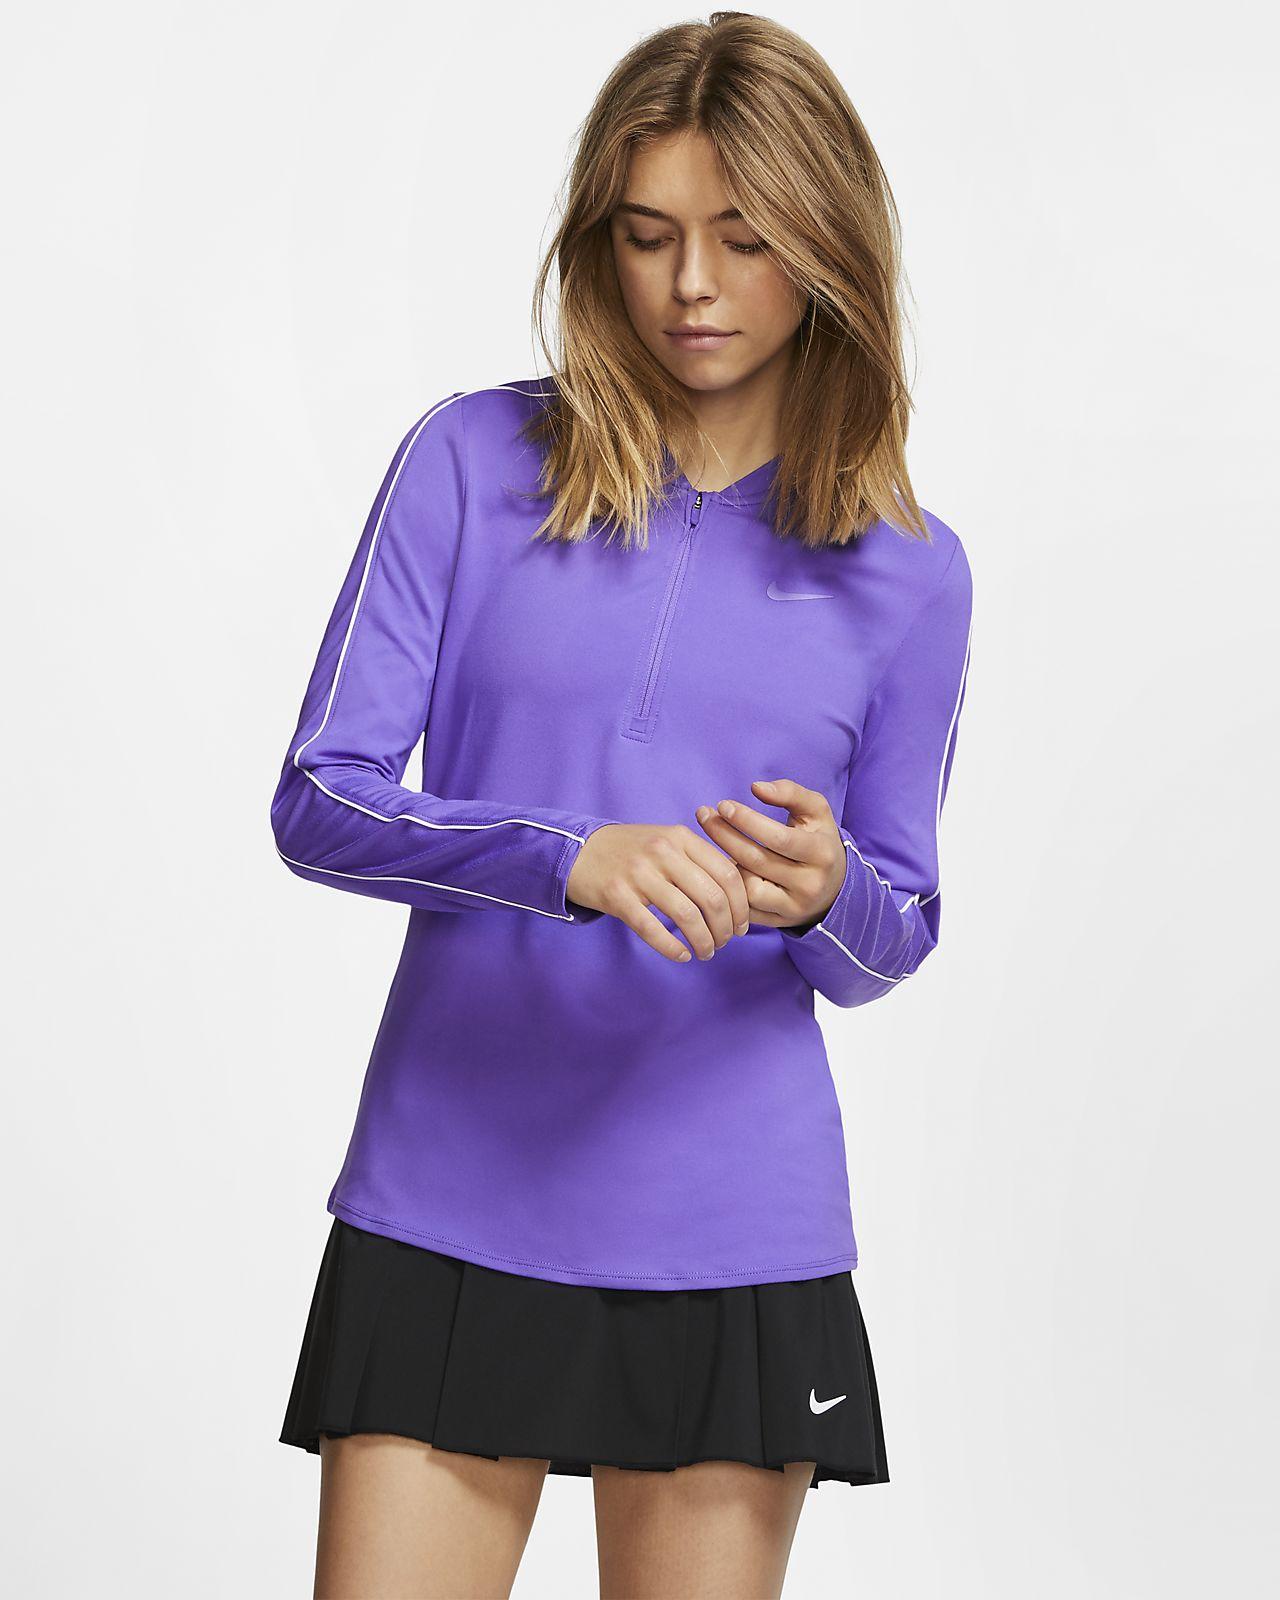 NikeCourt Dri-FIT Damen-Tennisoberteil mit Halbreißverschluss